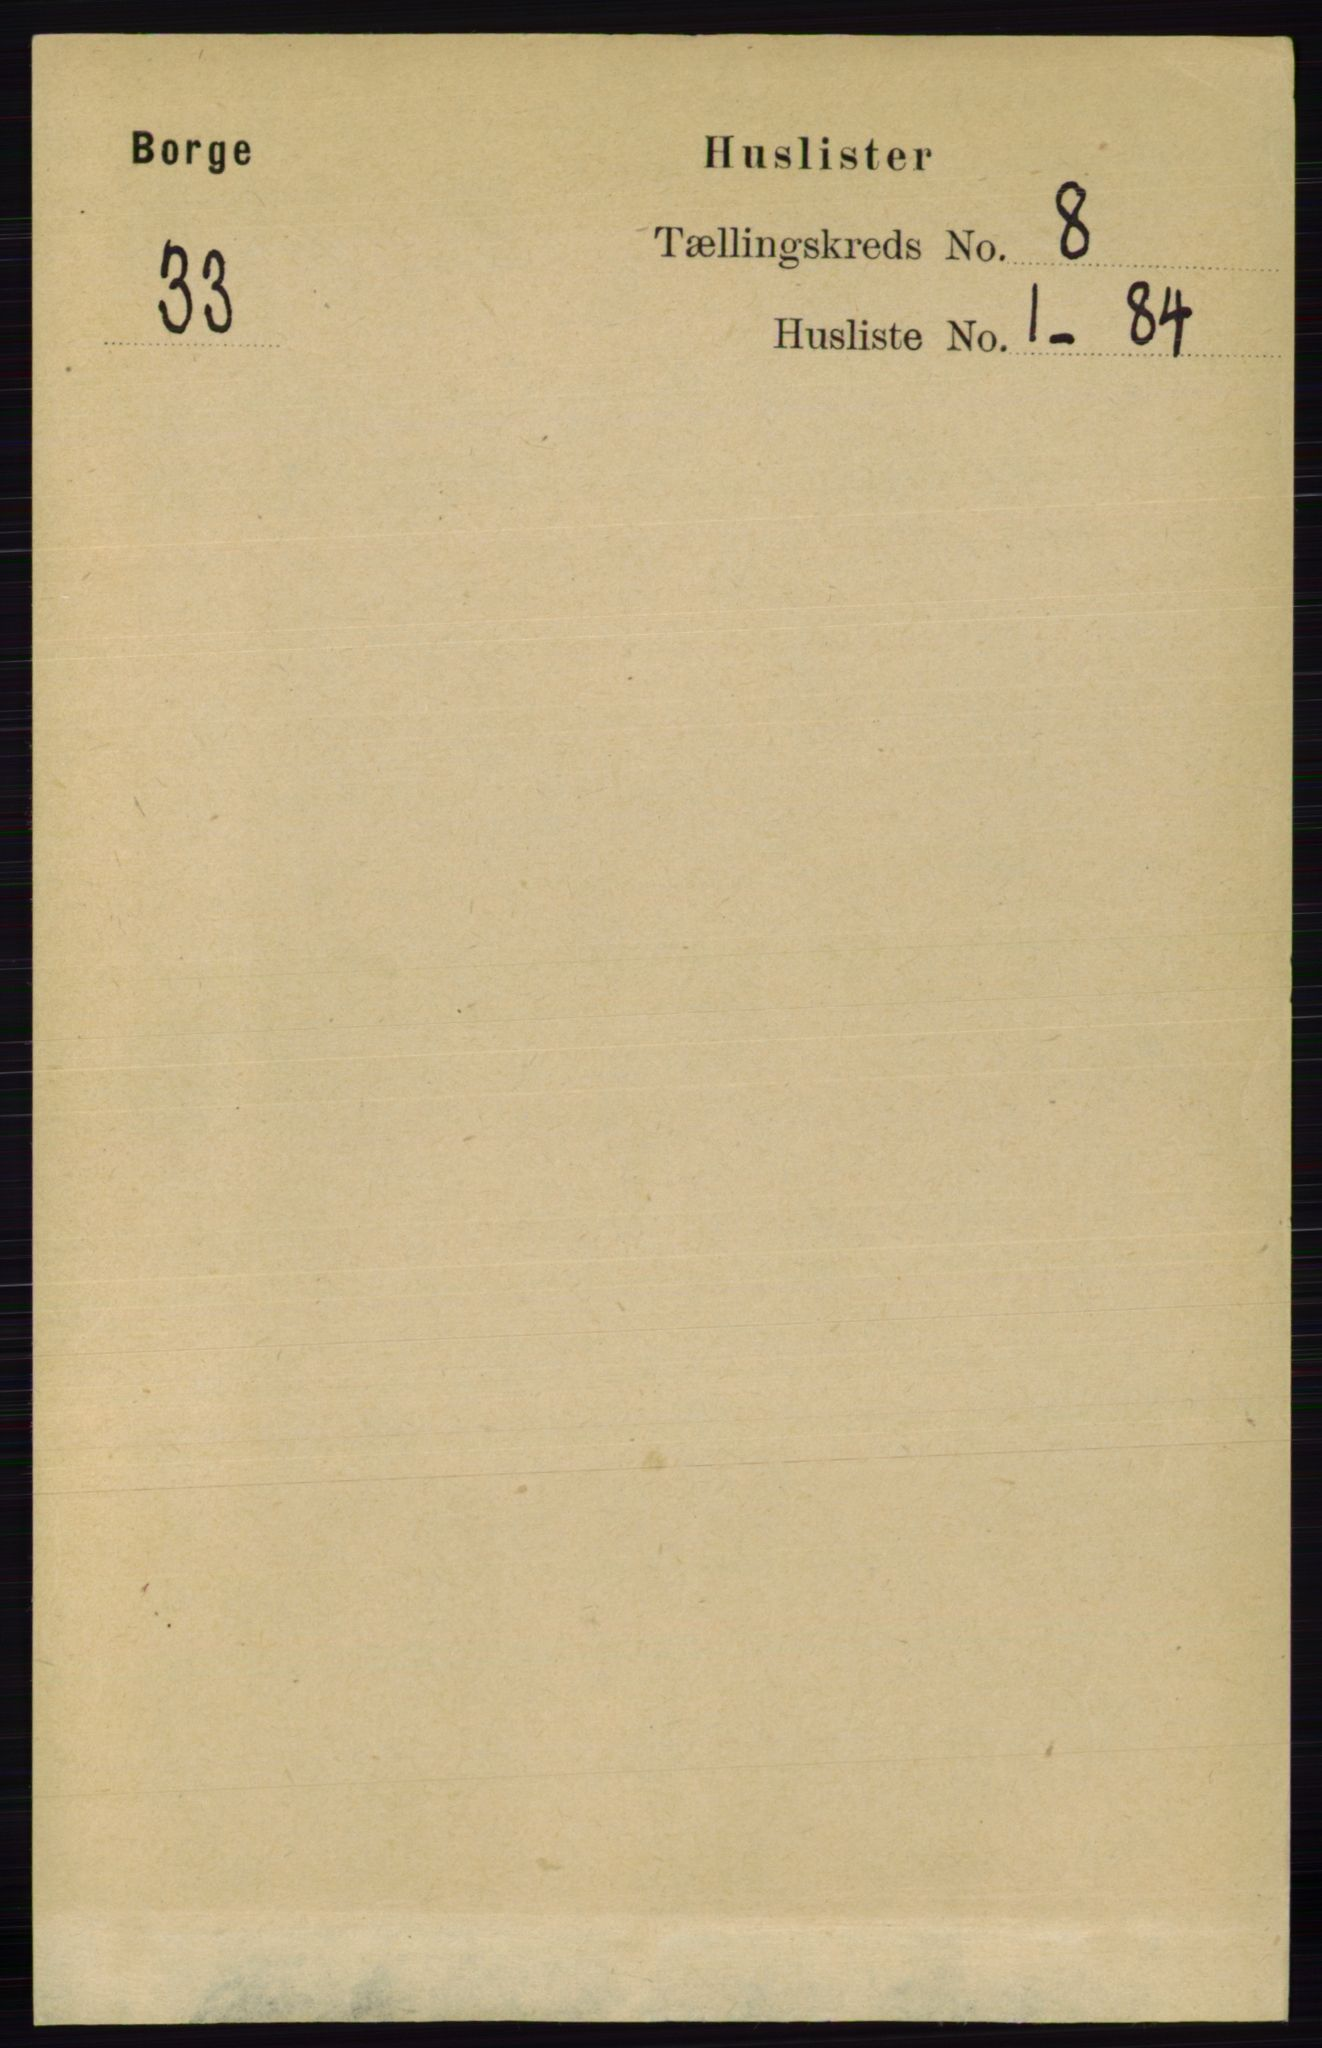 RA, Folketelling 1891 for 0113 Borge herred, 1891, s. 5040